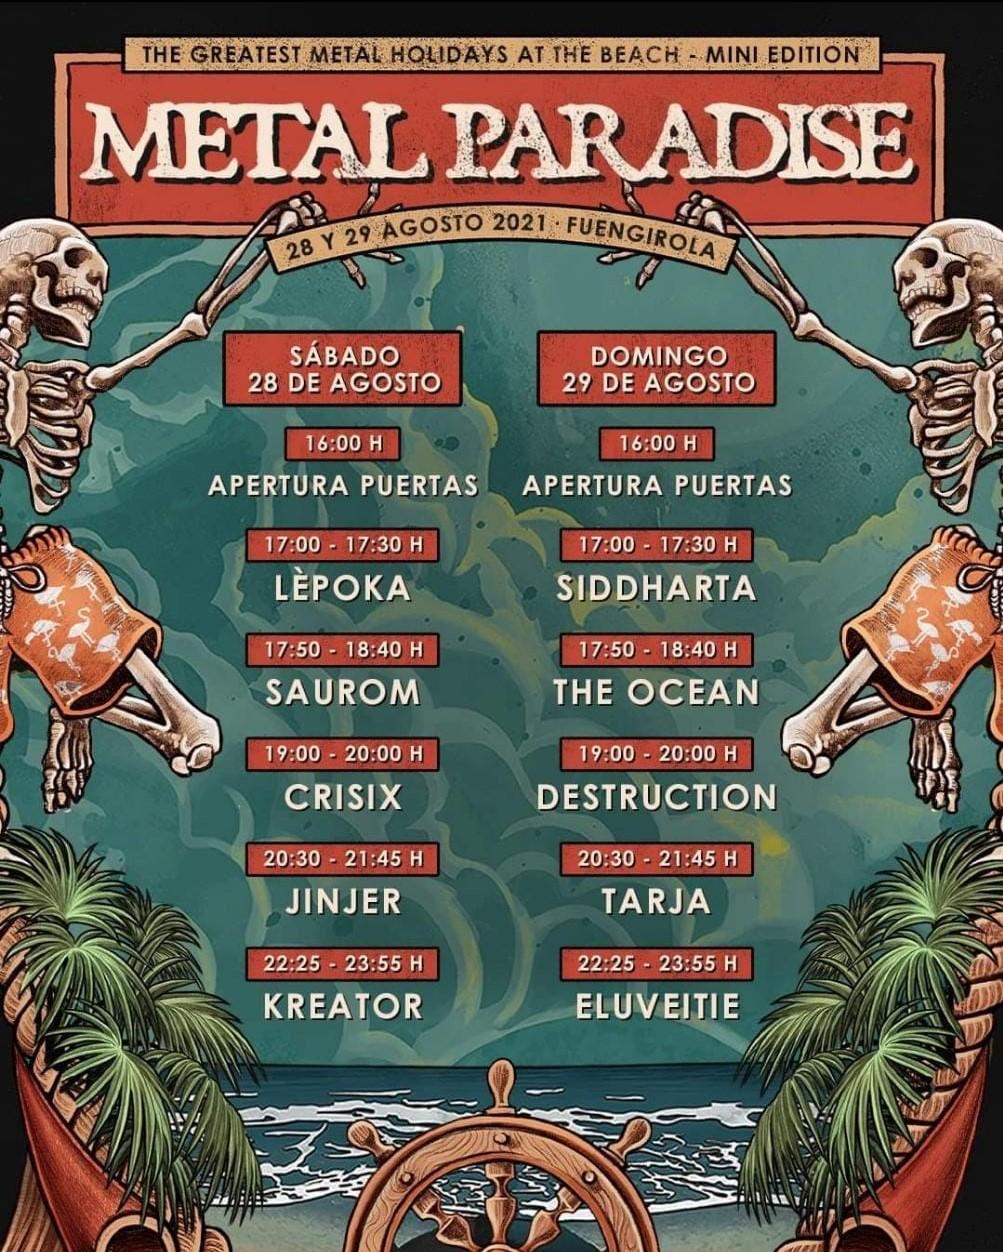 METAL PARADISE FEST - 28 y 29 de AGOSTO'21 (sí, ESTE agosto!!) en Fuengirola: Kreator, Destruction, The Ocean, Eluvietie, Krisix.... - Página 13 Photo-13